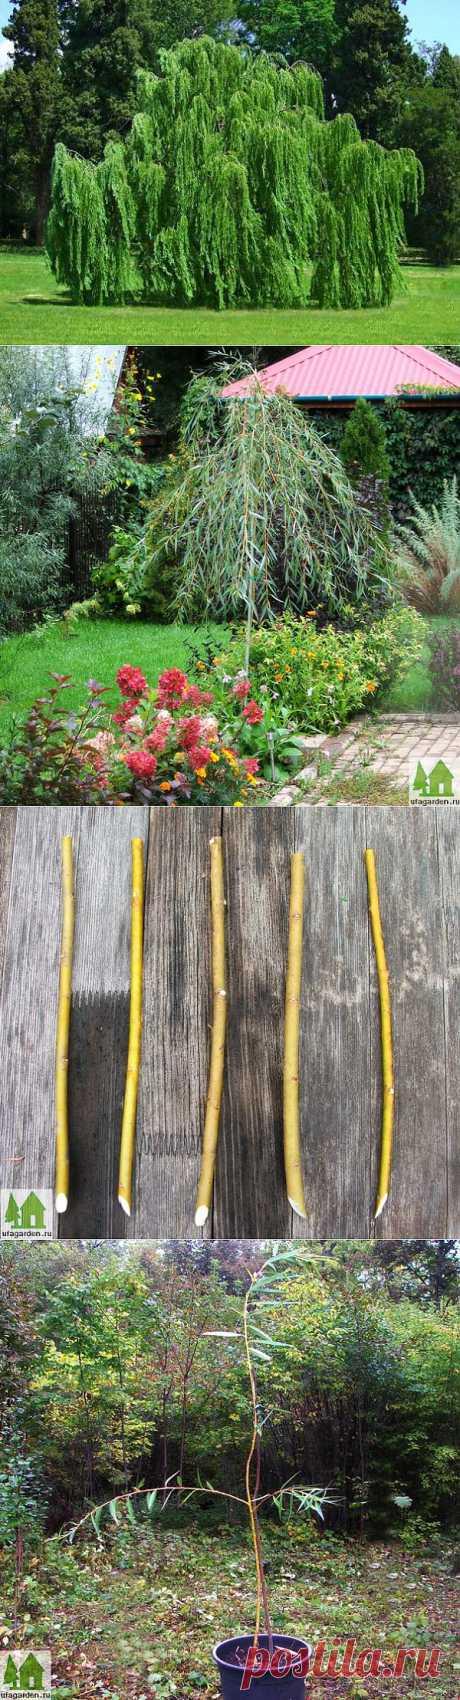 Плакучая ива | Дачная жизнь - сад, огород, дача